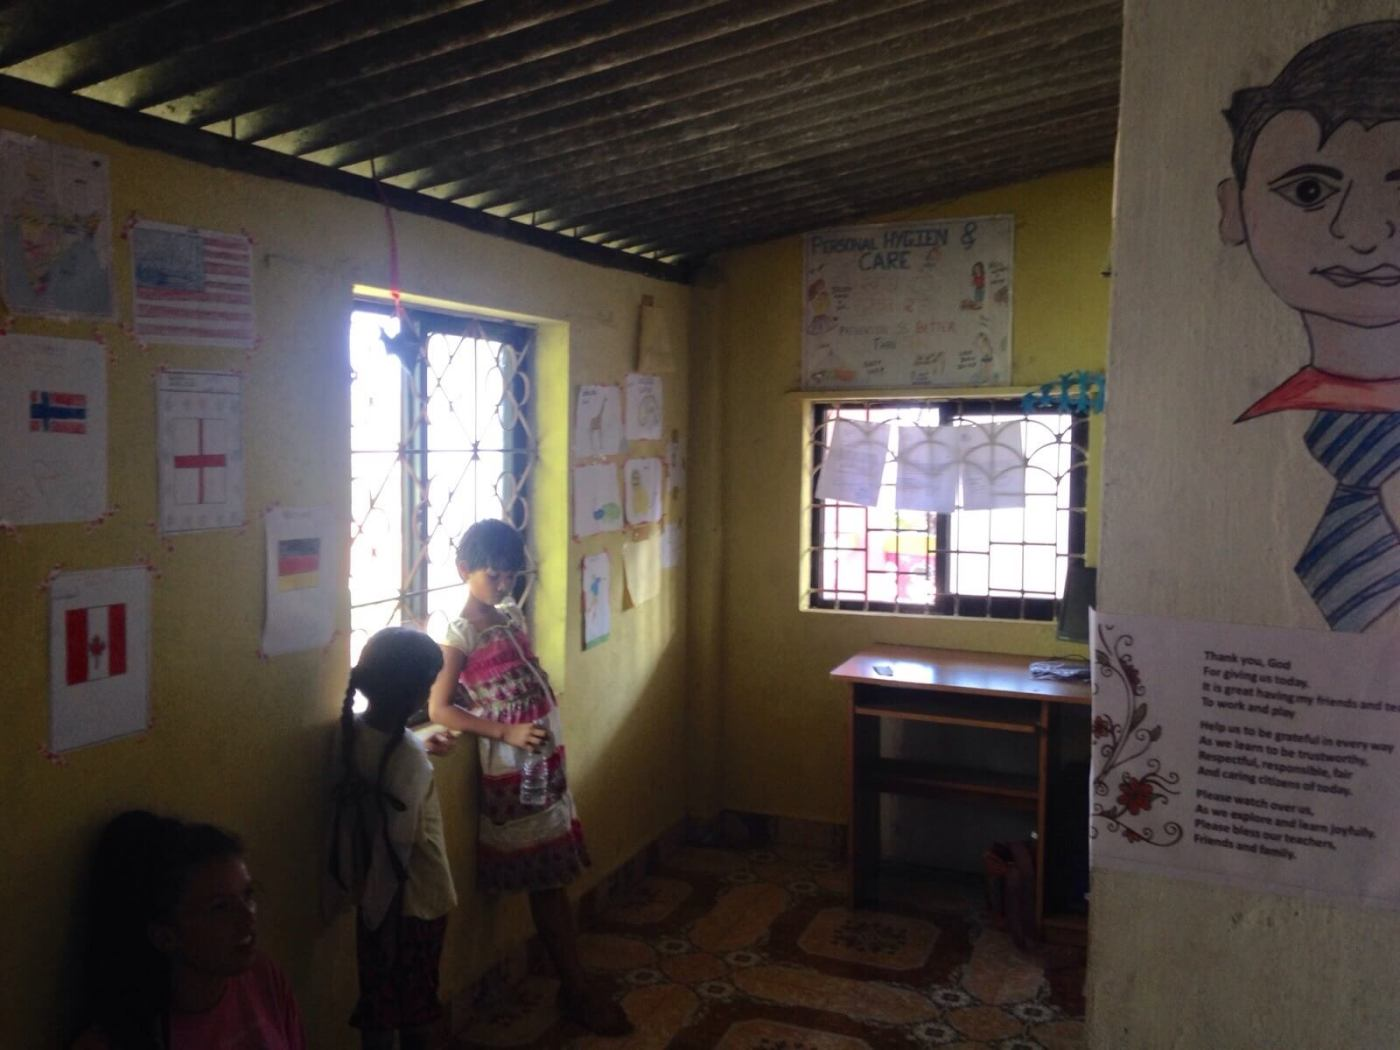 Toska's Classroom